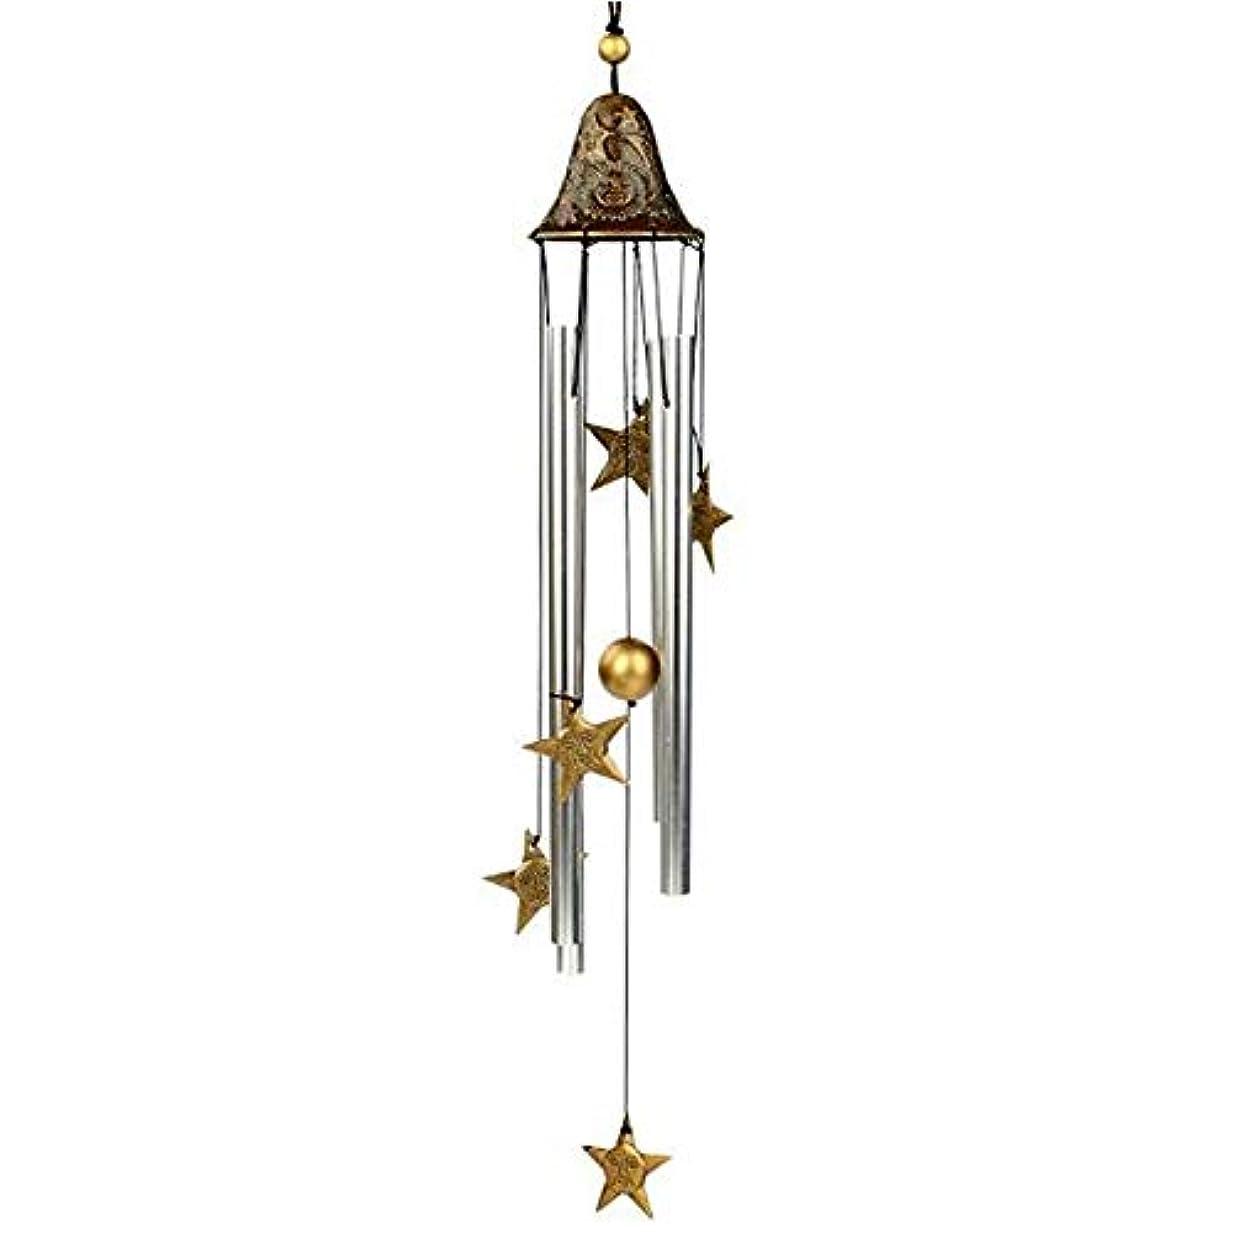 動力学ドラム浮浪者Hongyuantongxun 風チャイム、手作りメタル4チューブ風の鐘、ゴールド、全身について60CM,、装飾品ペンダント (Color : A)